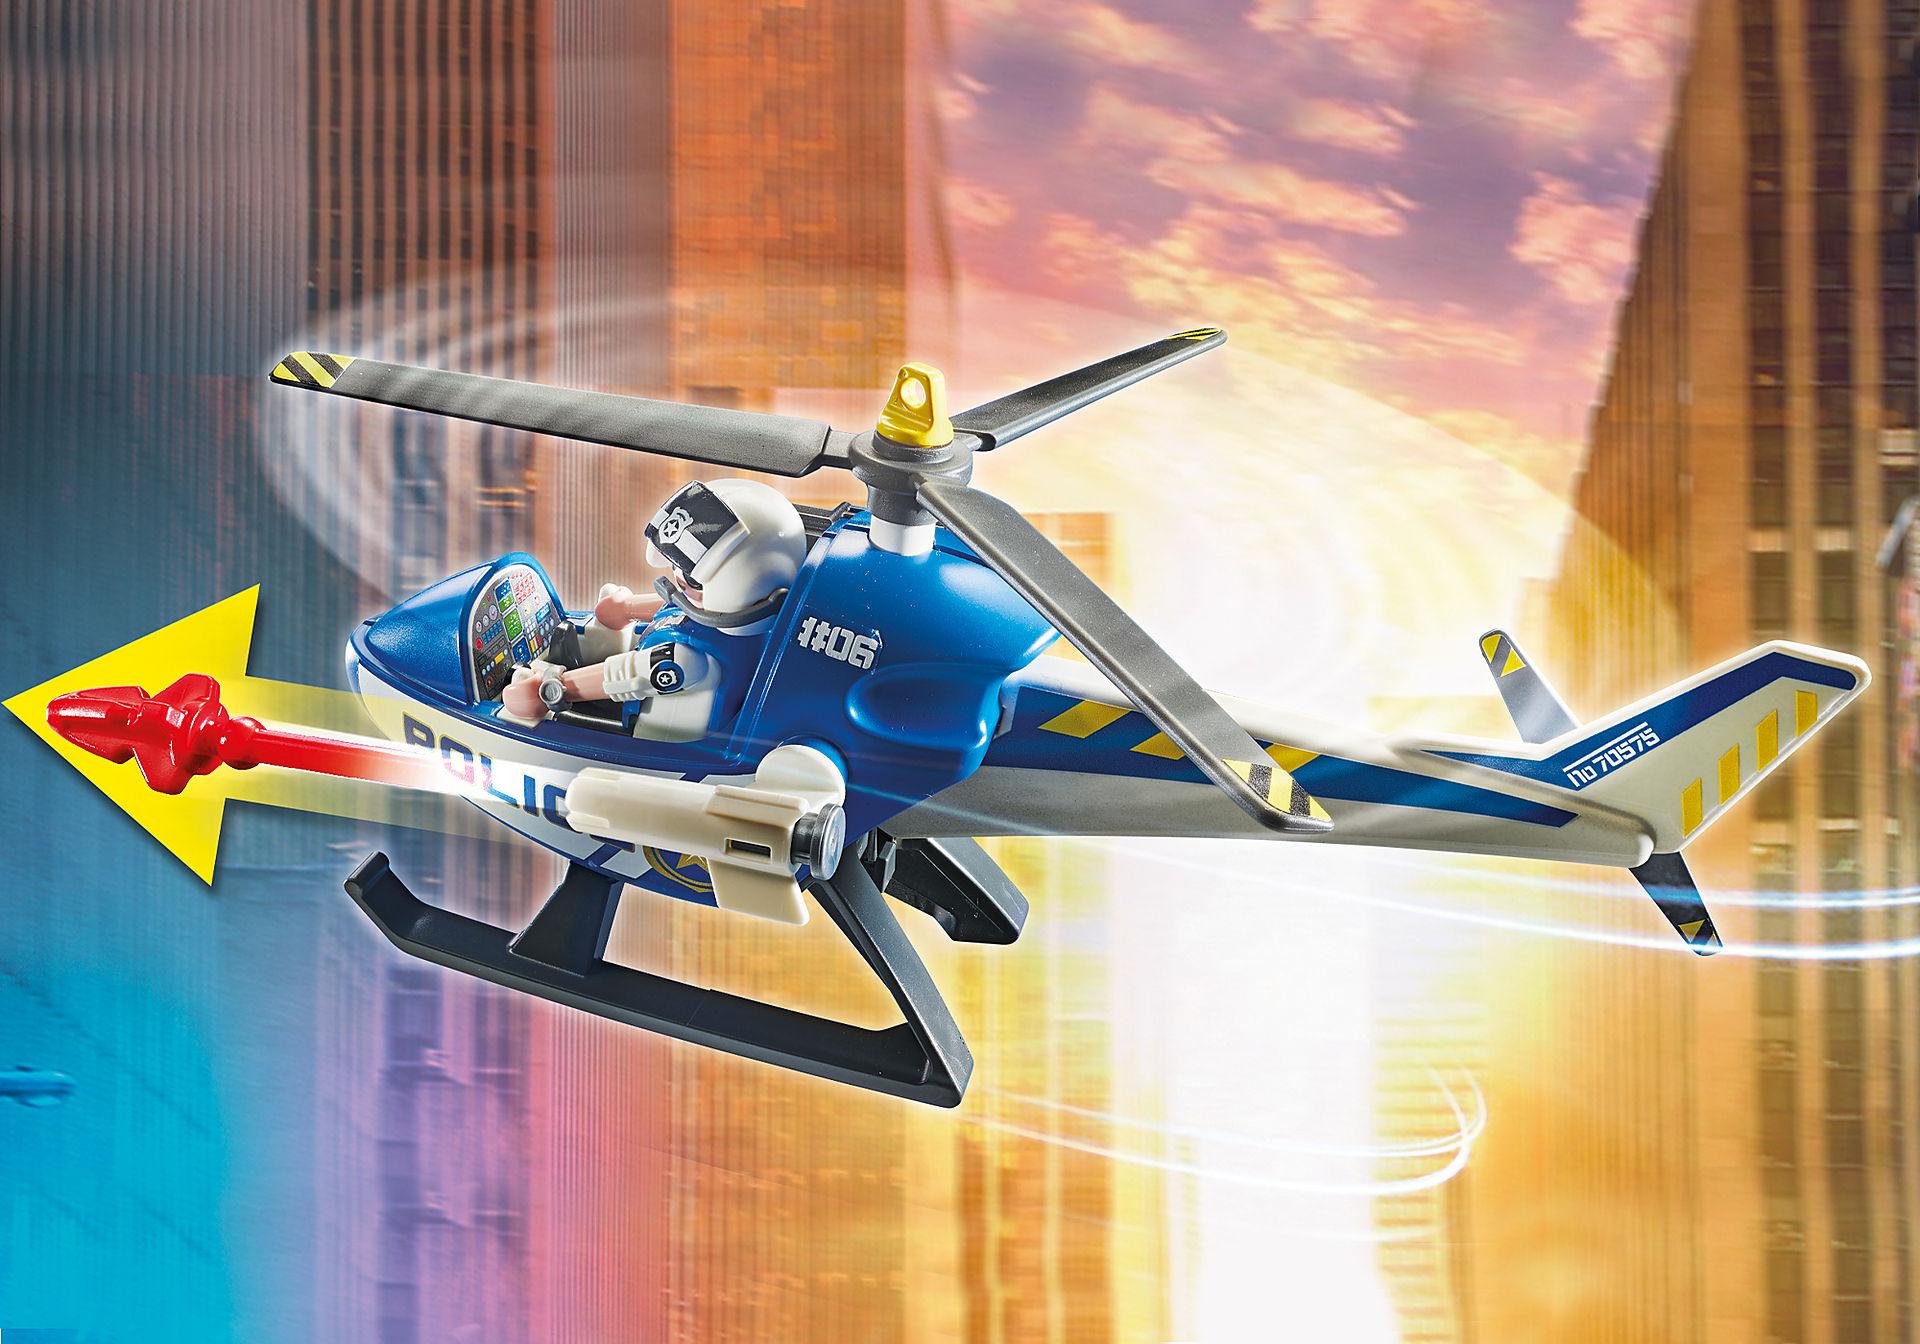 70575 Helicóptero da Polícia zoom image4